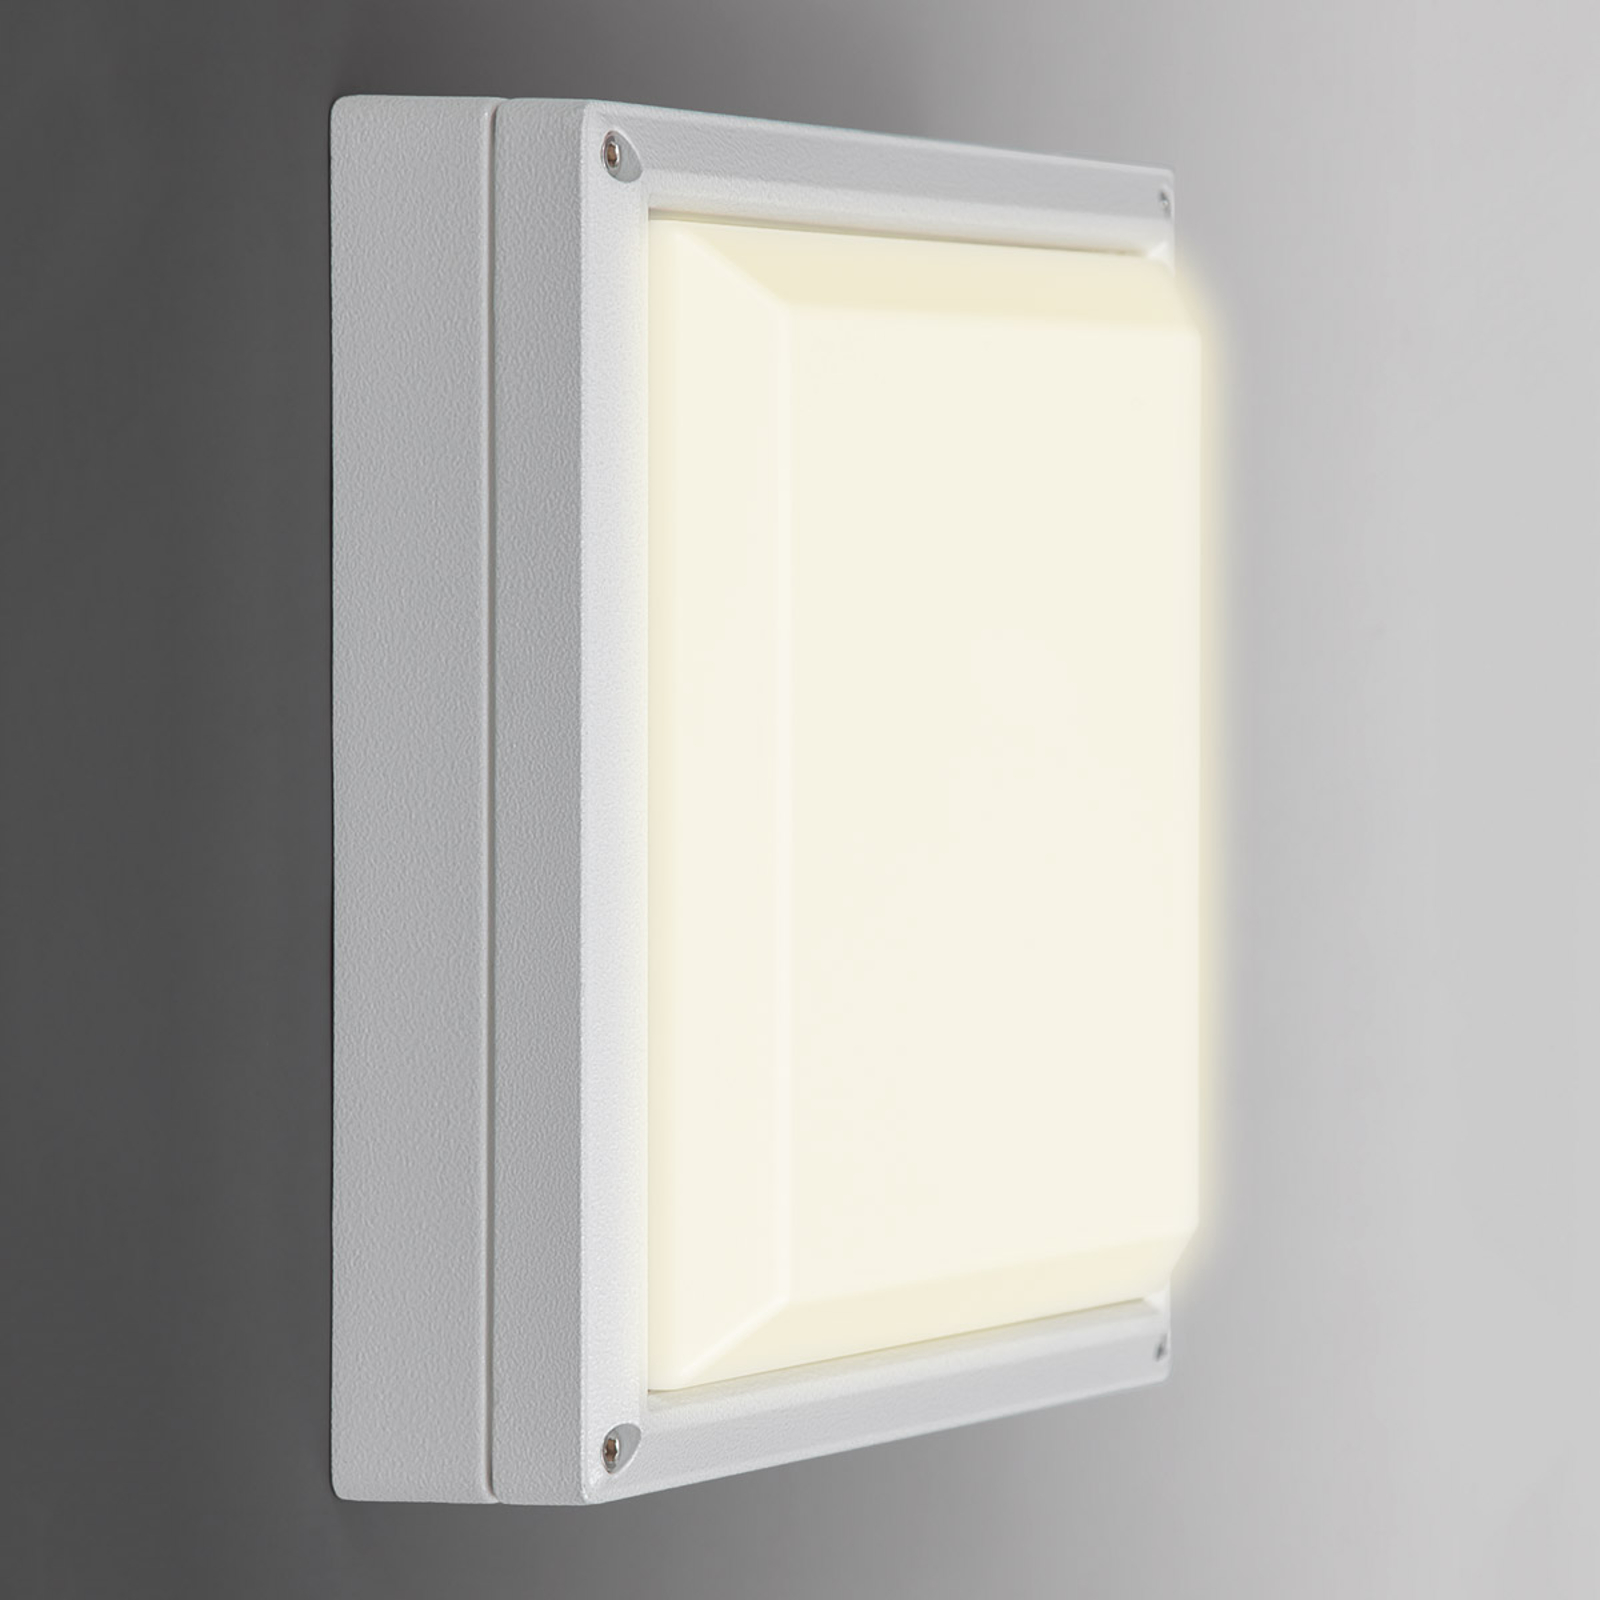 SUN 11 - applique LED 13W, bianca 3K